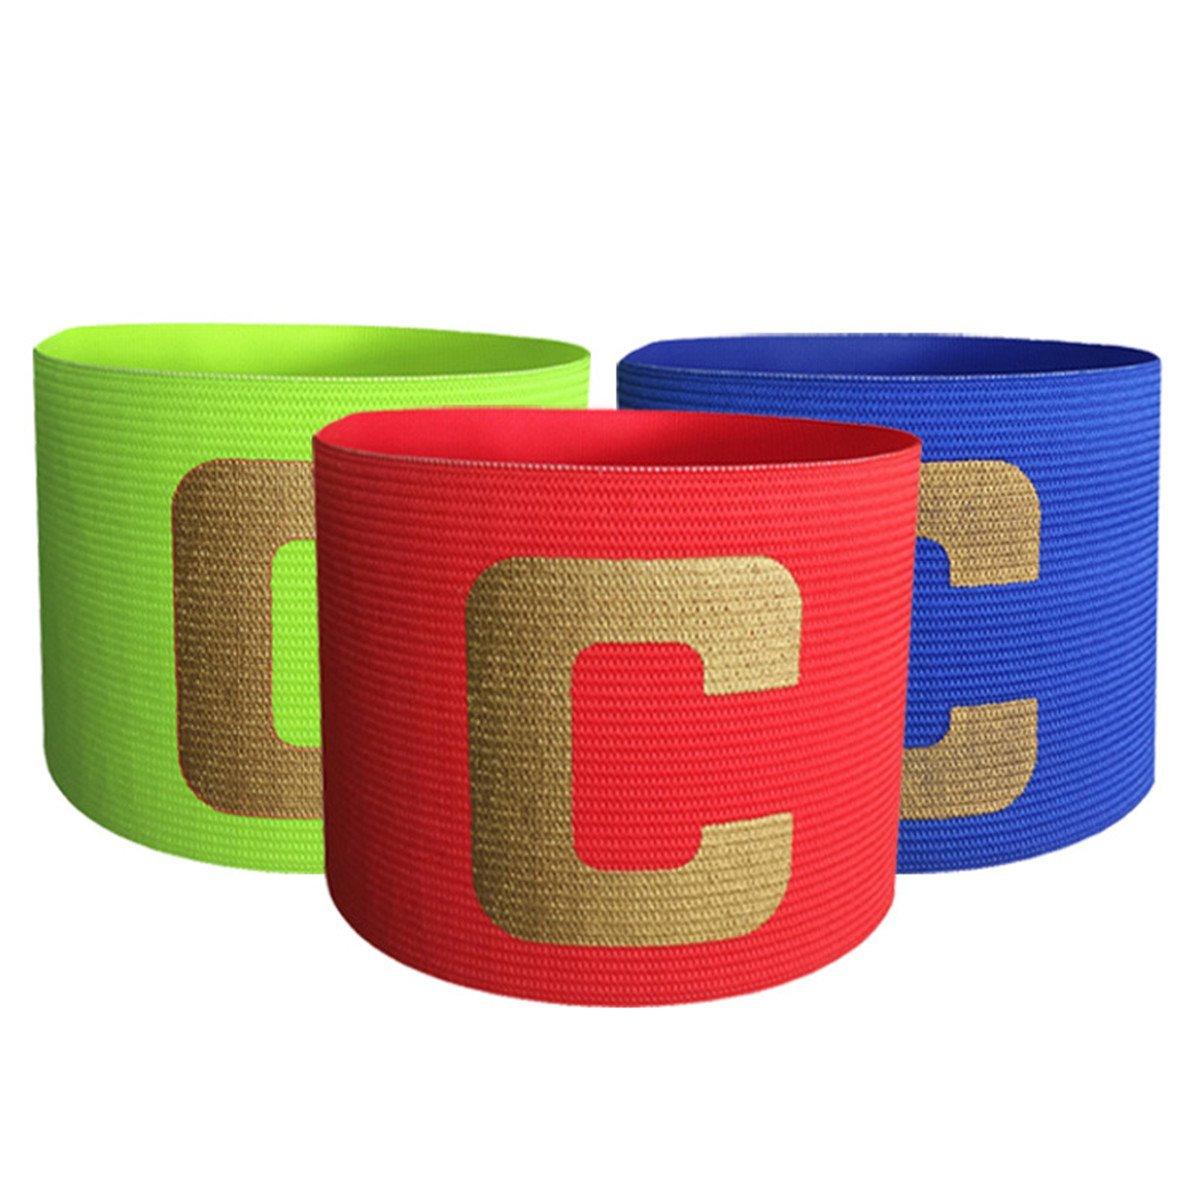 HNJZX Kinder, Rugby-Armband–geeignet für mehrere Sportarten wie Fußball 3Stück in verschiedenen Farben B